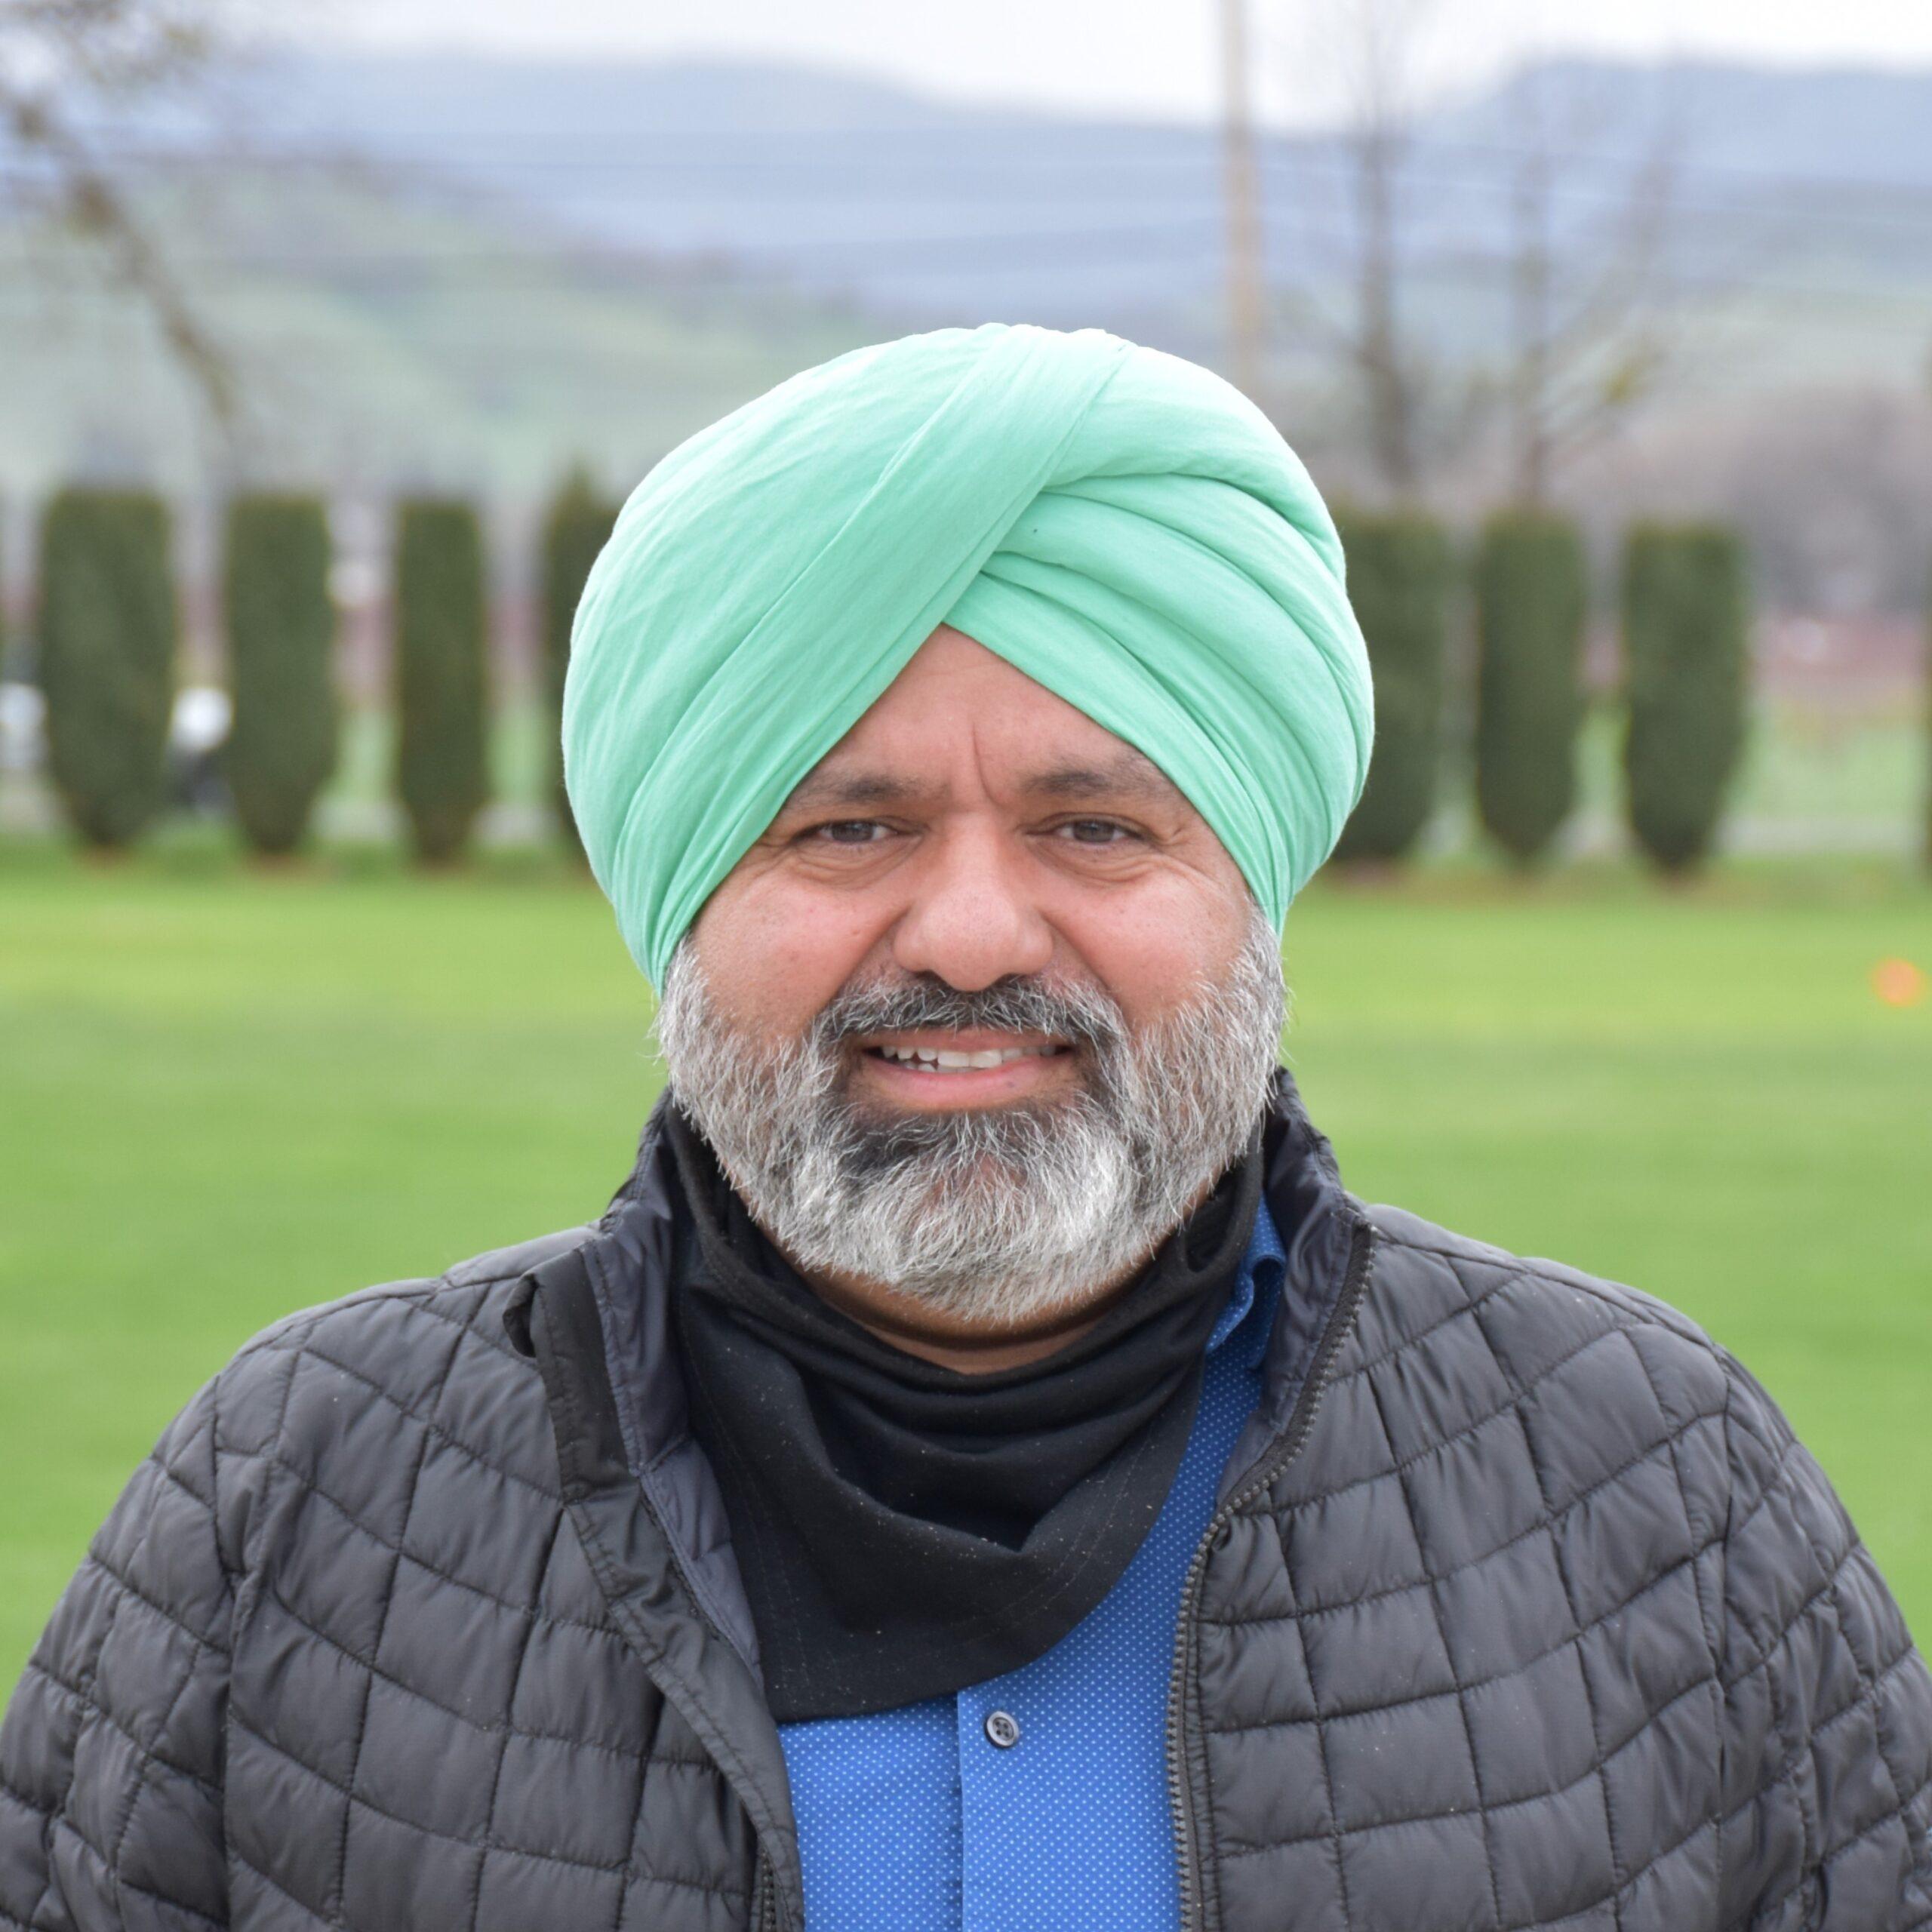 Prabhjeet Singh Grewal